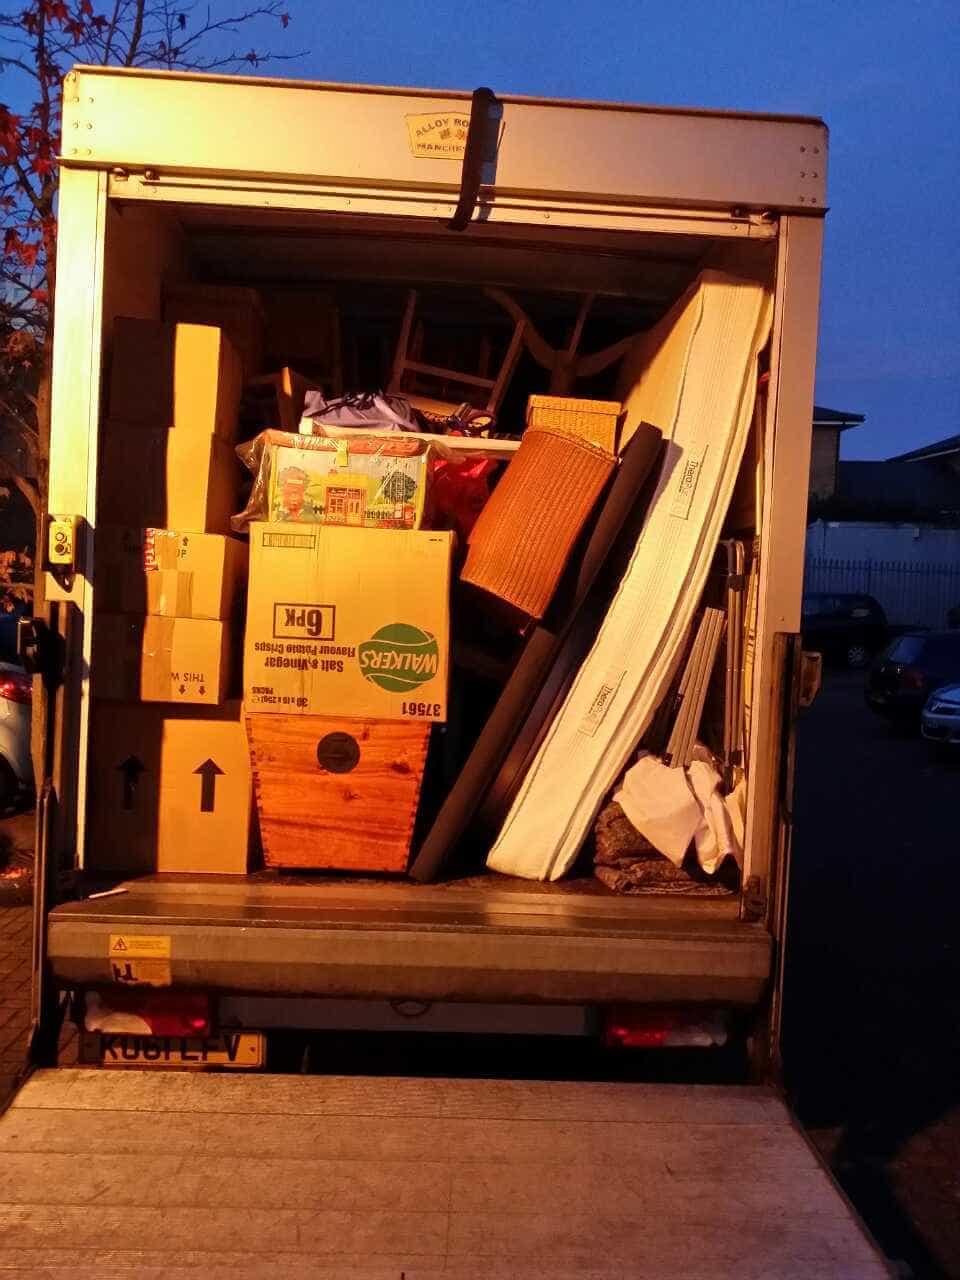 Cheshunt moving vans EN8